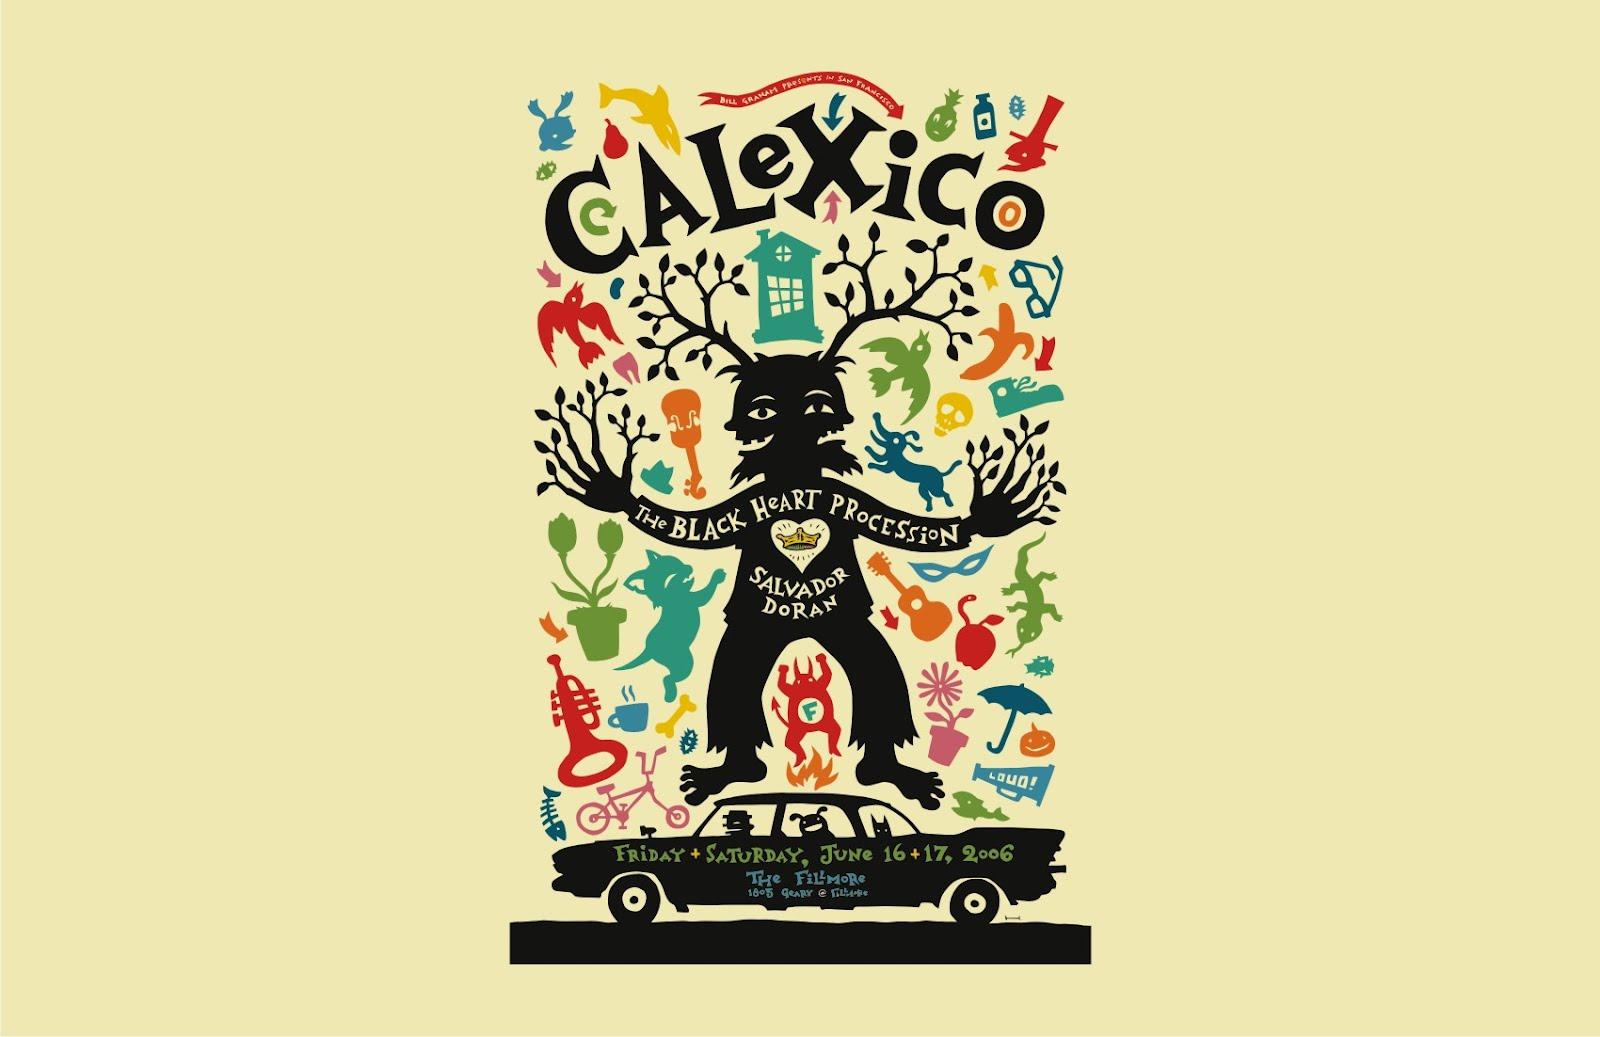 calexico-salvador_duran_poster_front_vector